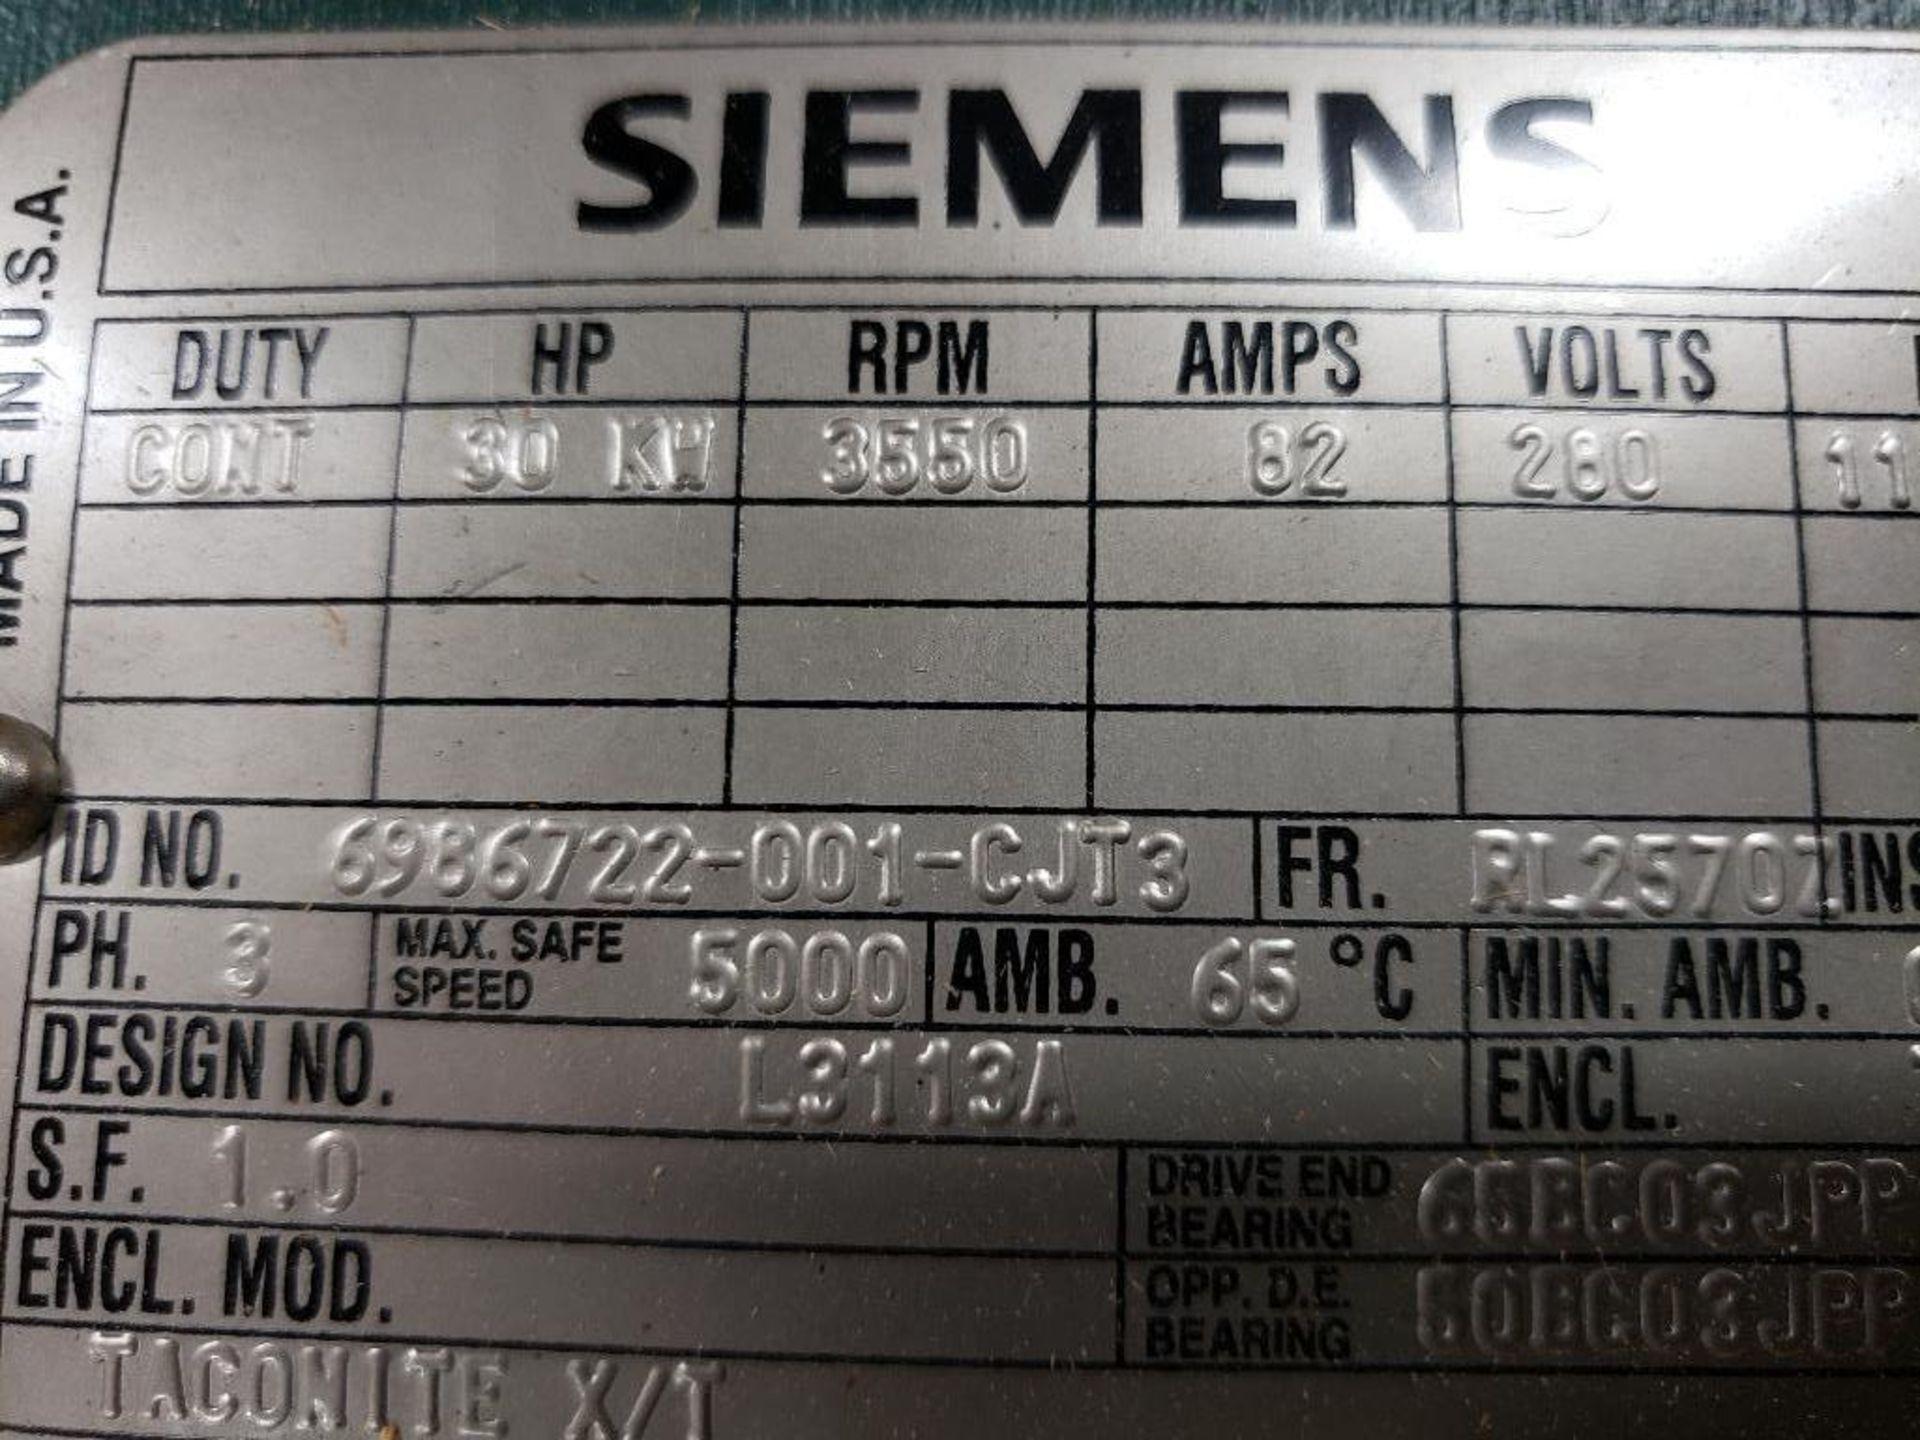 30kW Siemens 3PH Motor. 6986722-001-CJT3. 280V, 3550RM, RL2570Z-Frame. - Image 4 of 10